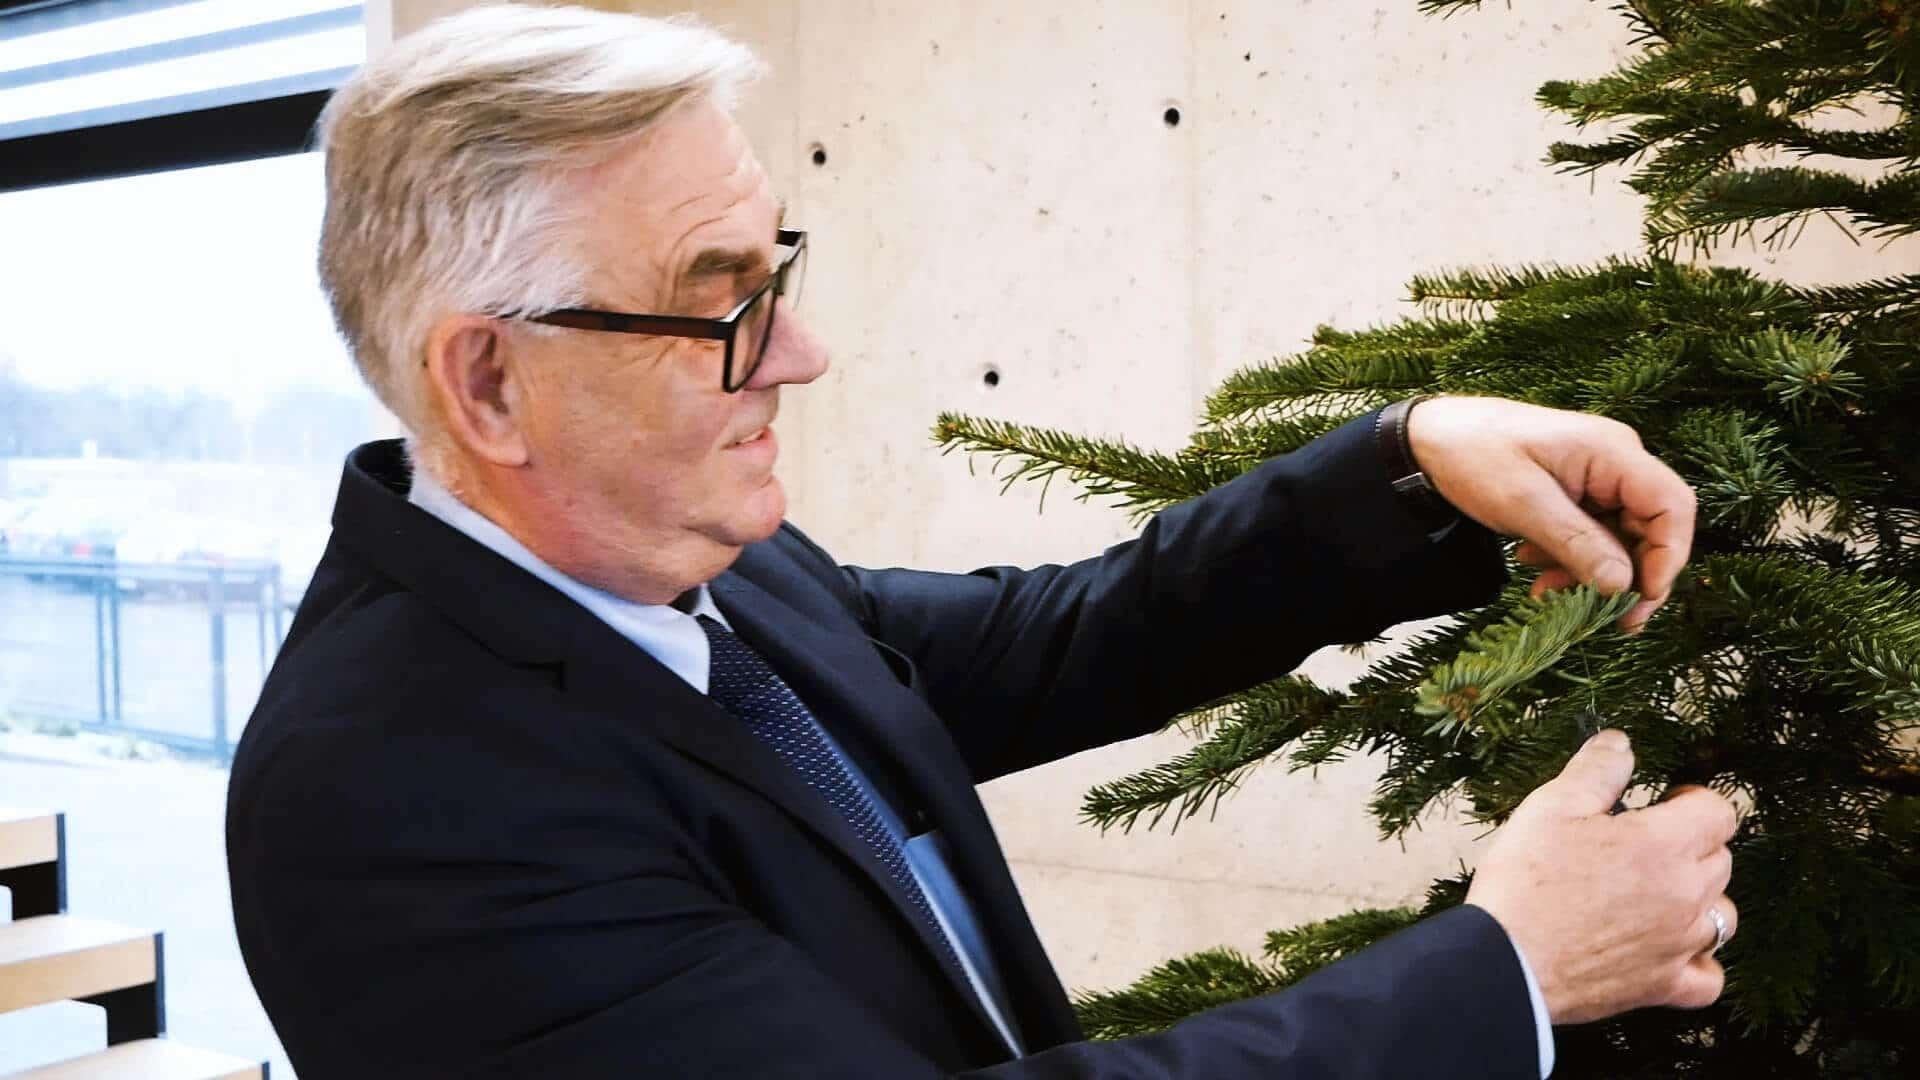 Życzenia Świąteczne od BTI Gumkowski